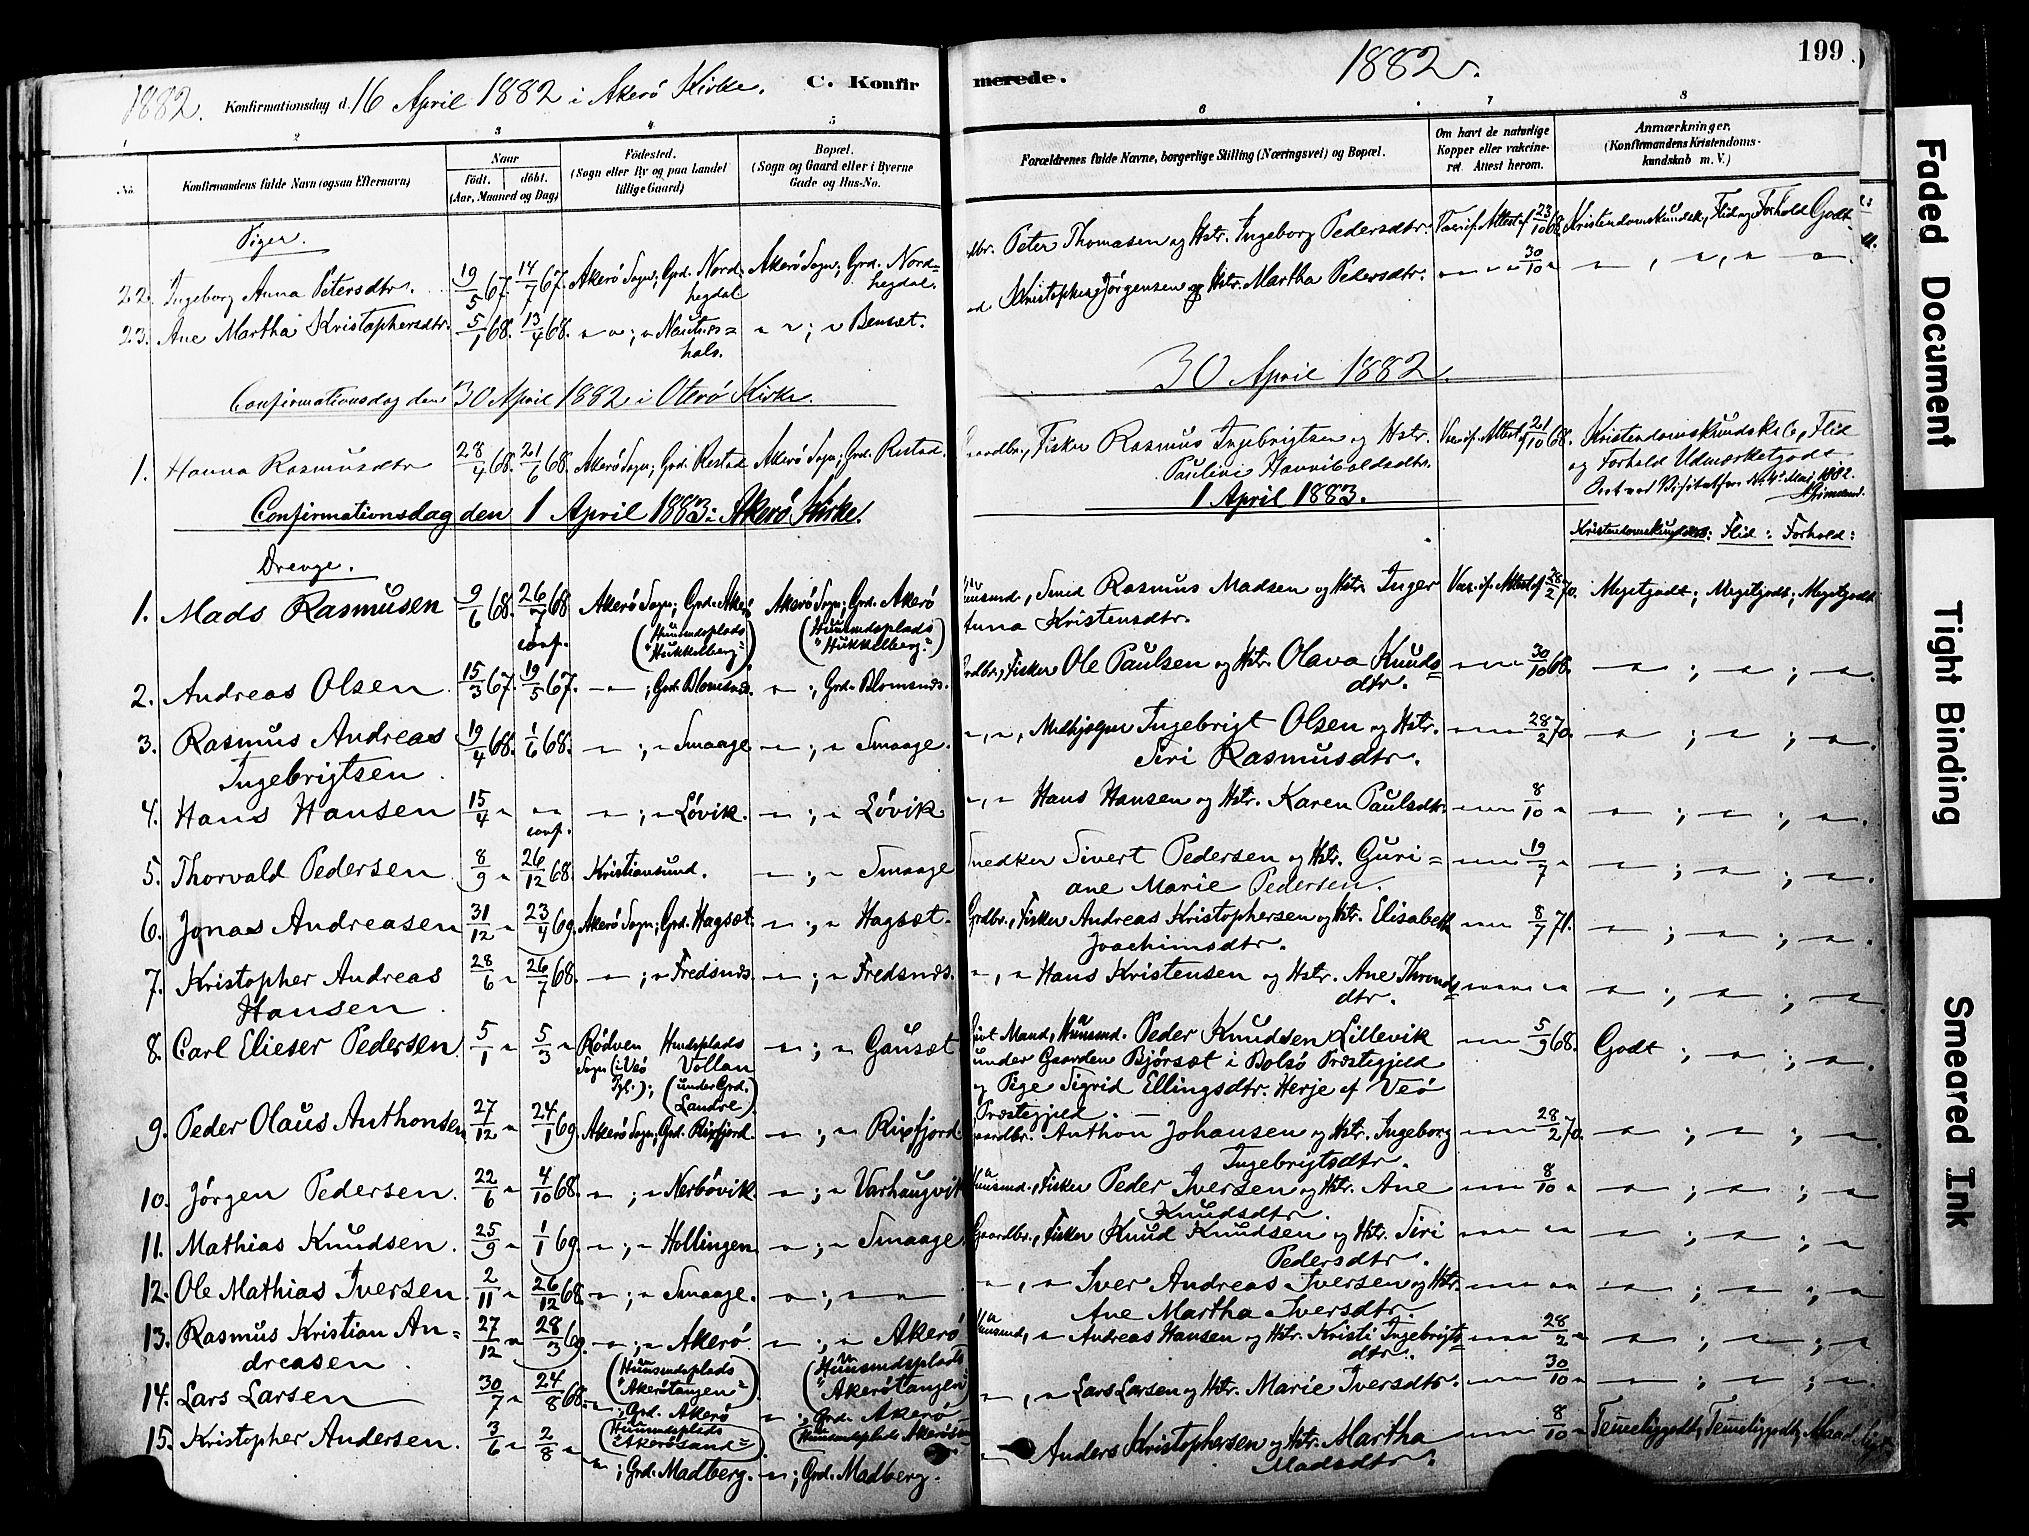 SAT, Ministerialprotokoller, klokkerbøker og fødselsregistre - Møre og Romsdal, 560/L0721: Ministerialbok nr. 560A05, 1878-1917, s. 199